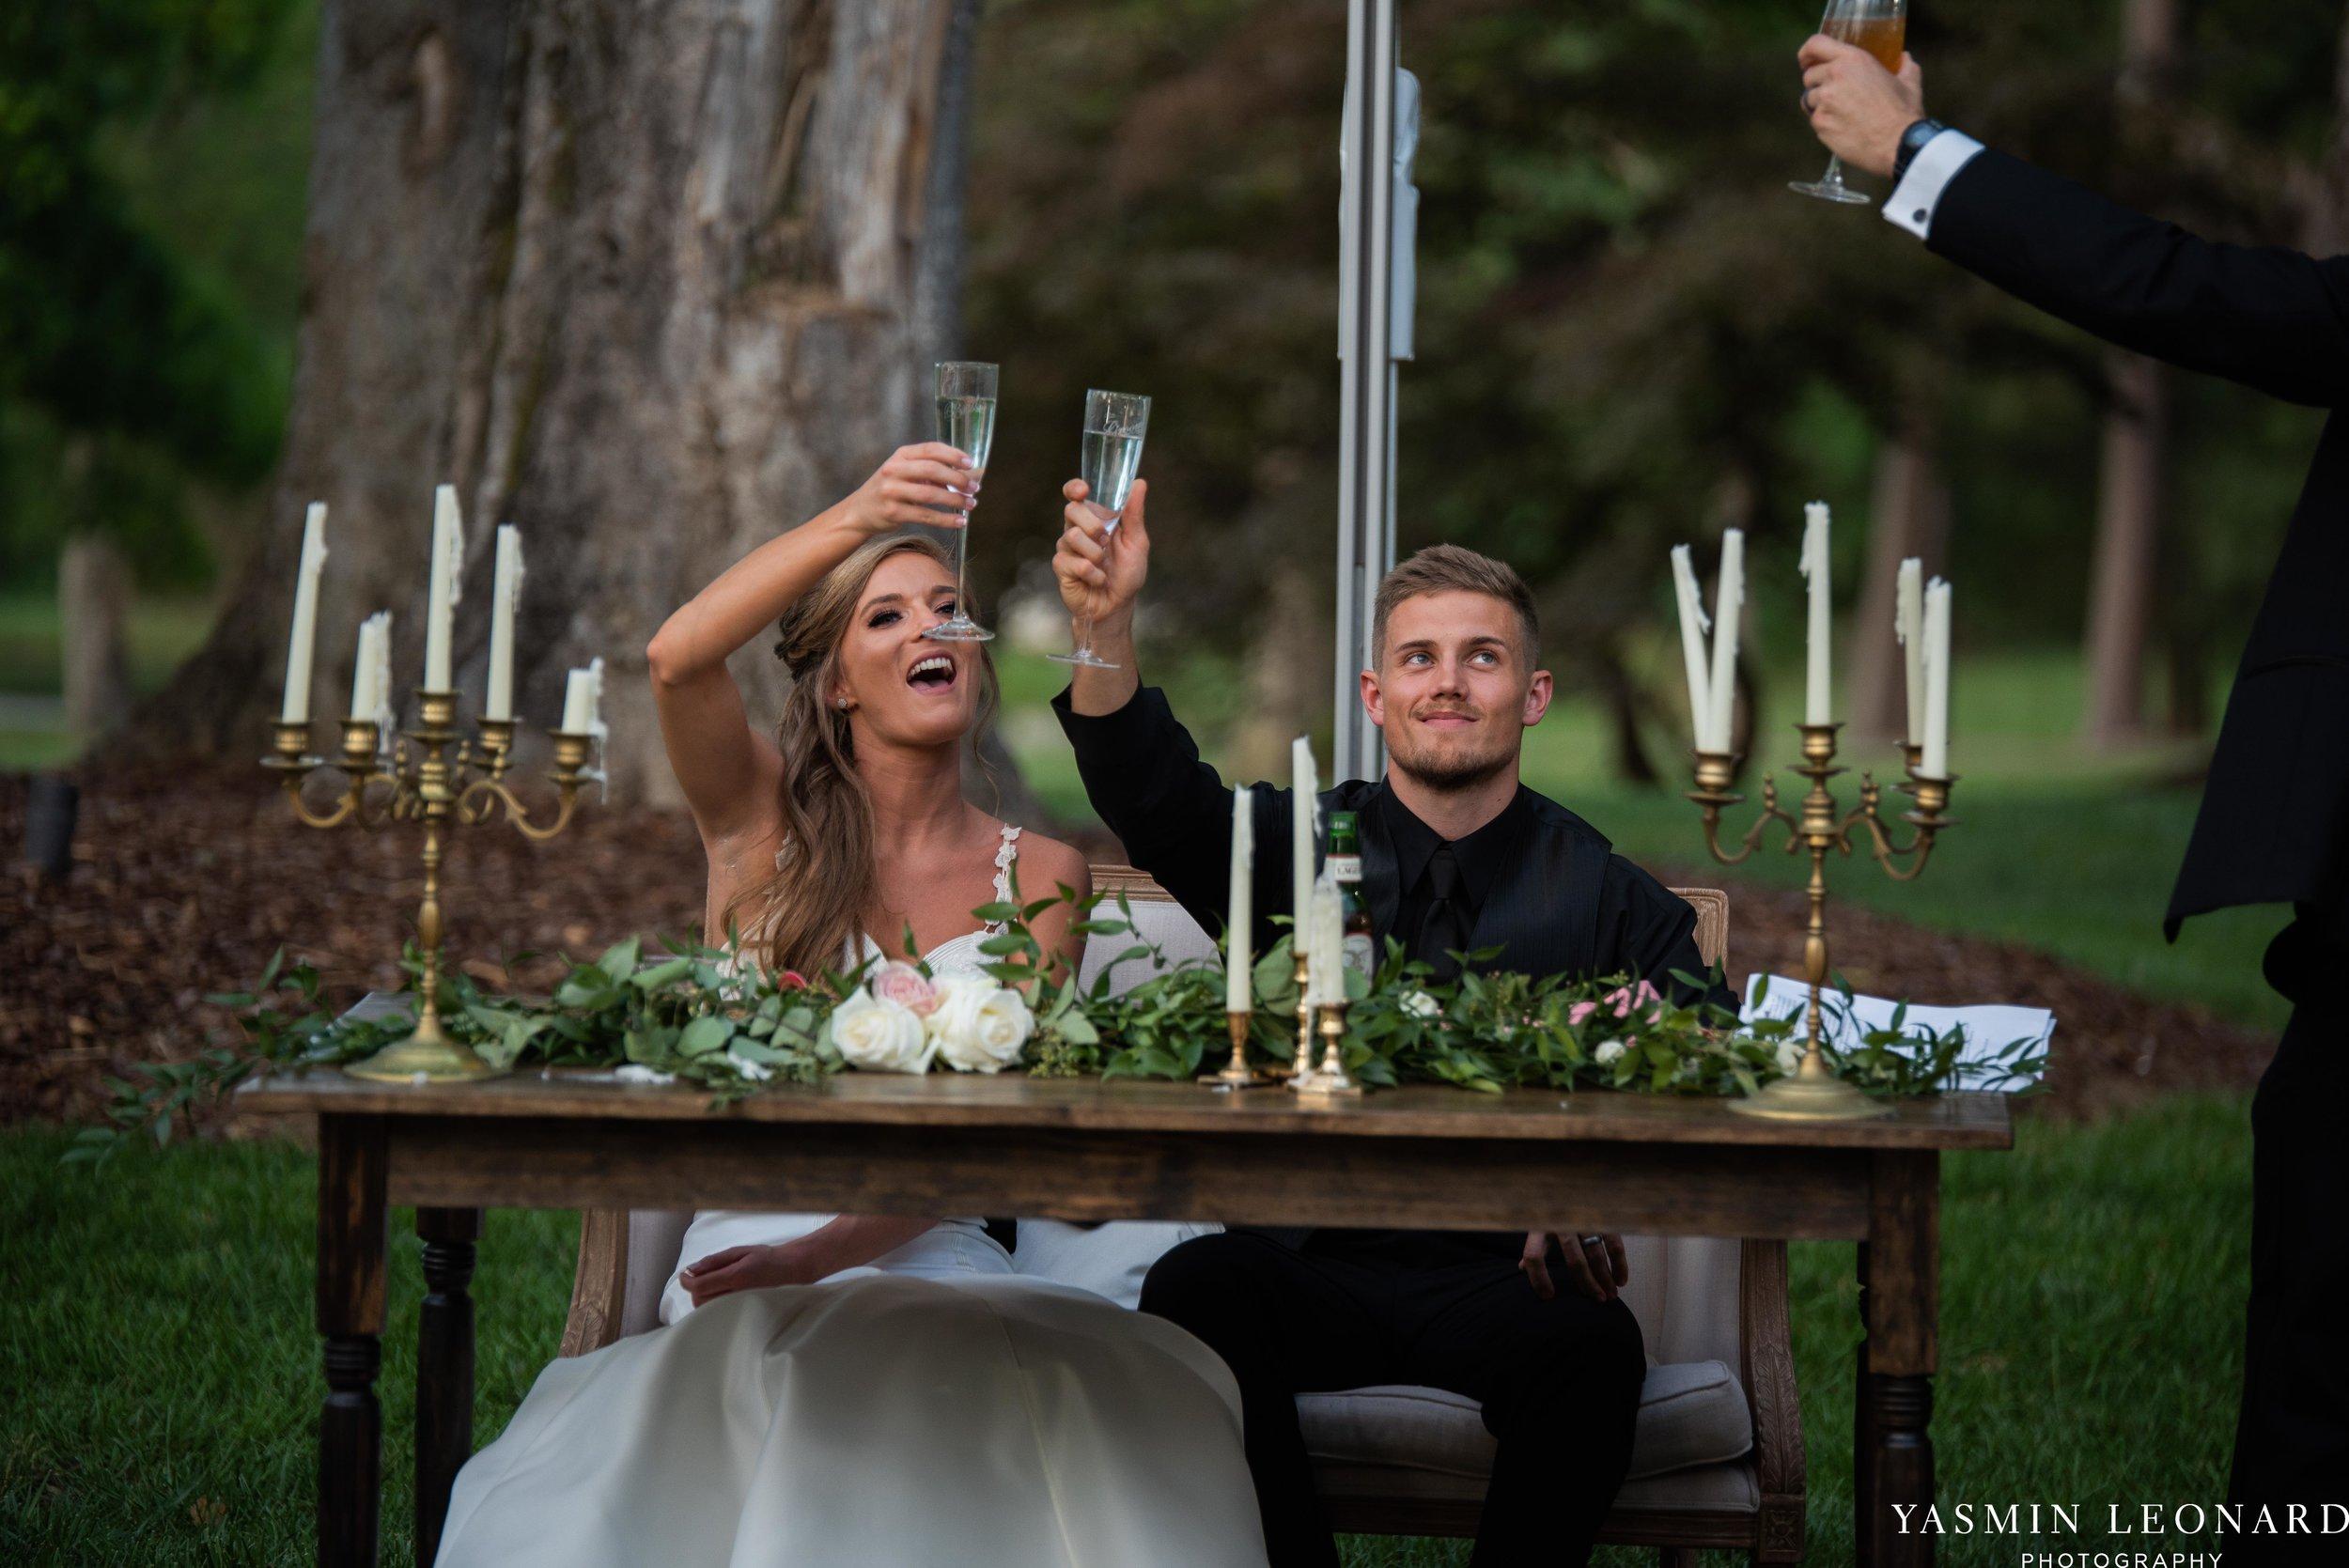 Boxwood Estate - Boxwood Estate Wedding - Luxury Wedding - Black and White Wedding - NC Wedding Venues - NC Weddings - NC Photographer - Lantern Release Grand Exit - Large Wedding Party - Yasmin Leonard Photography-66.jpg